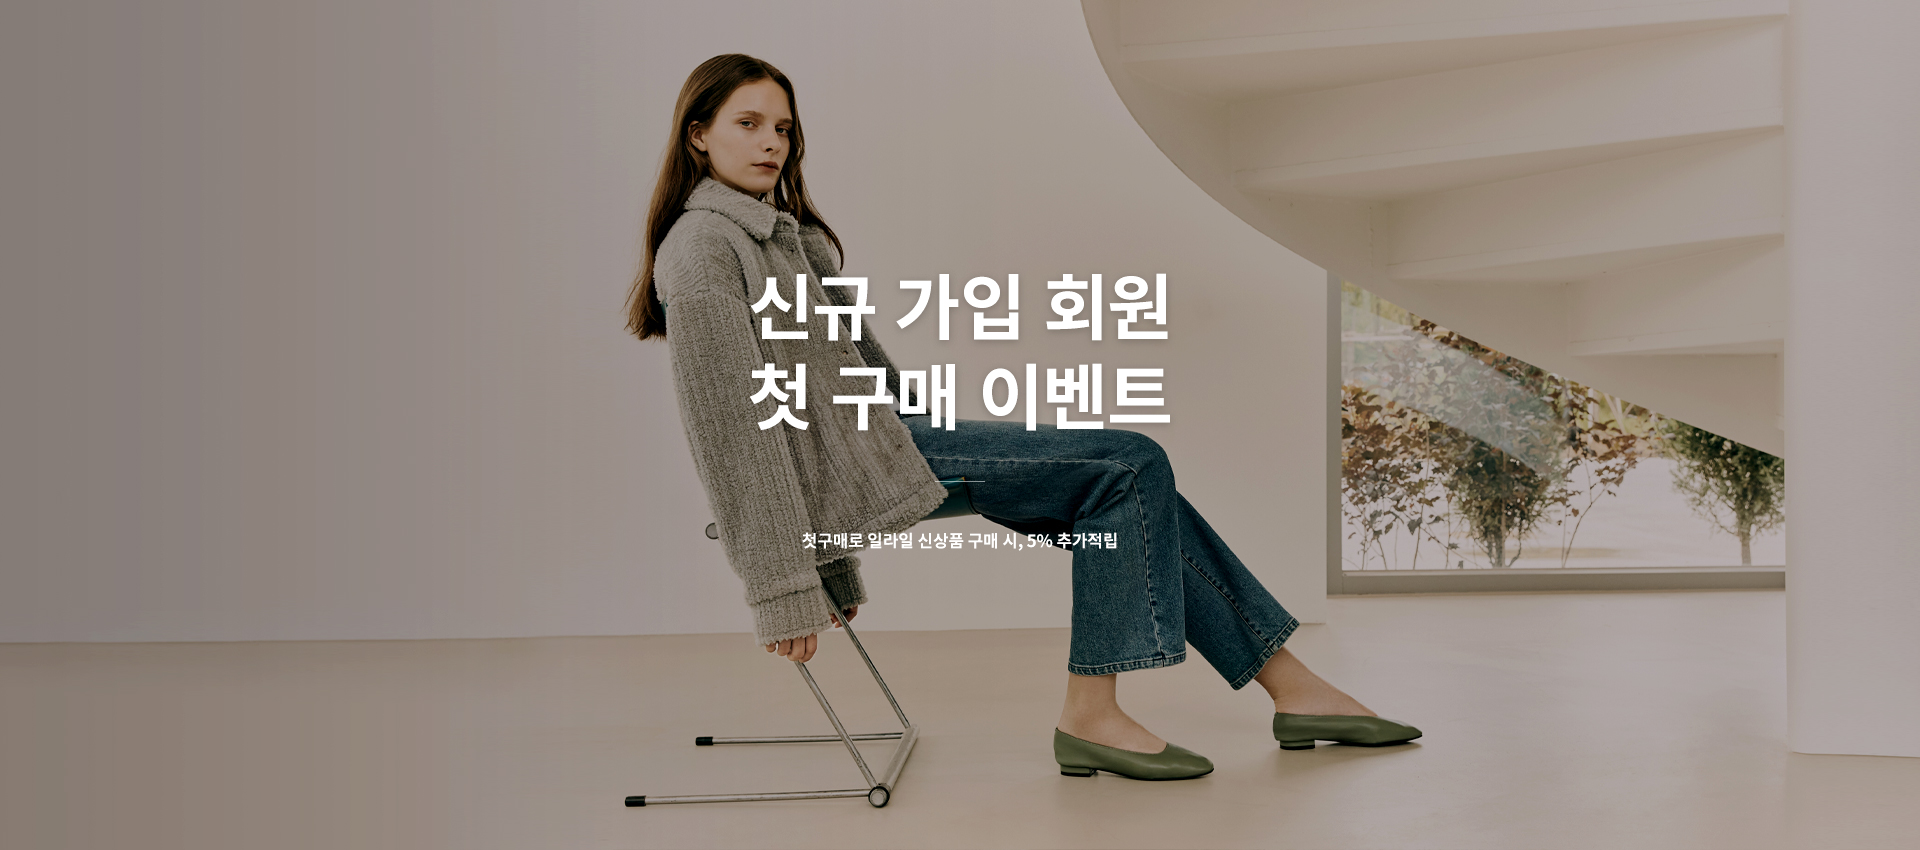 [일라일] 신규회원 10월 첫구매 혜택